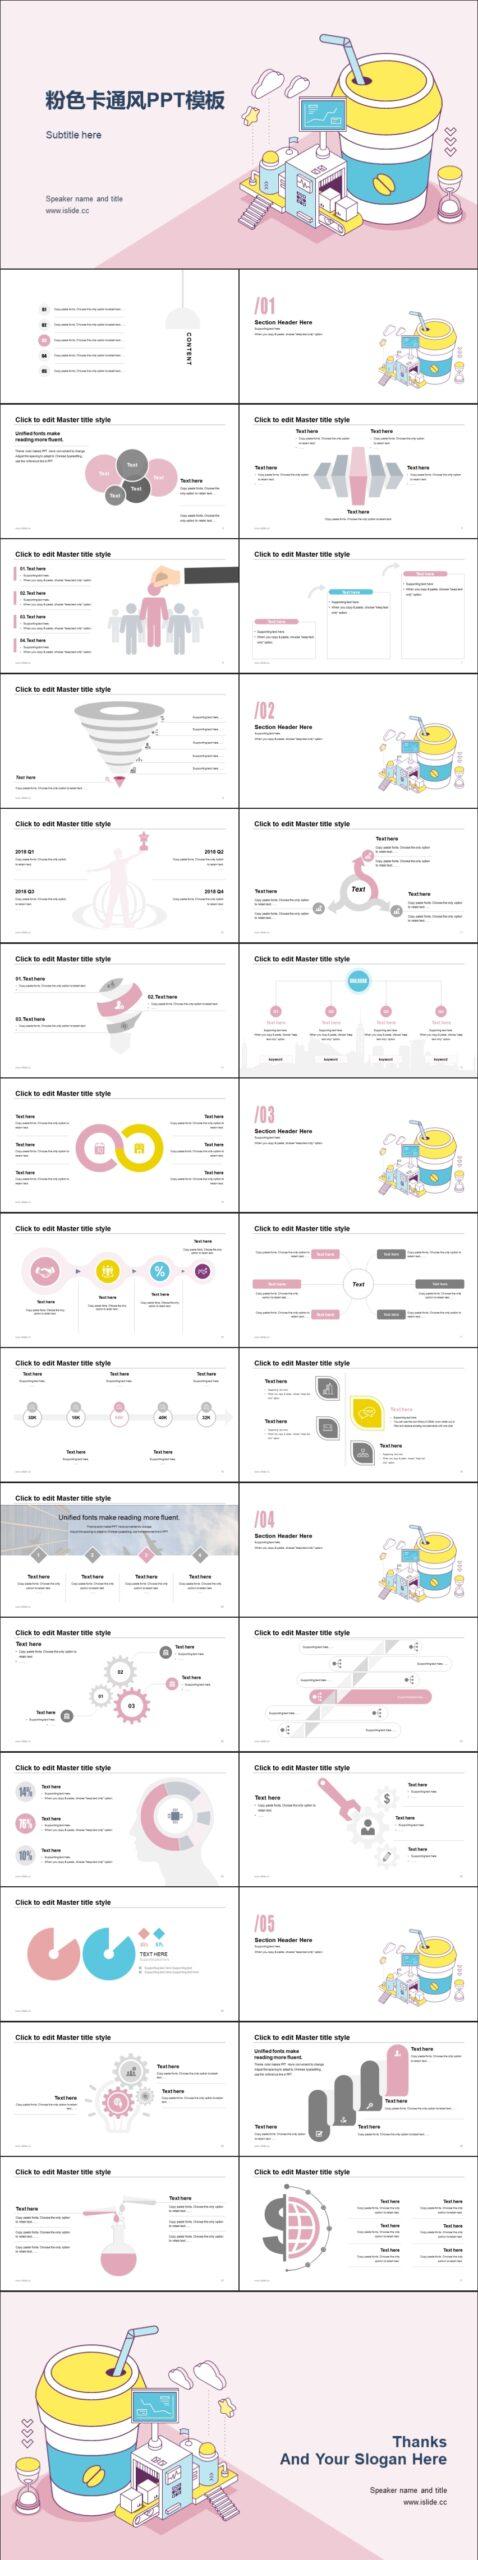 秋日的粉色奶茶营销情况分析PPT模板下载_预览图2